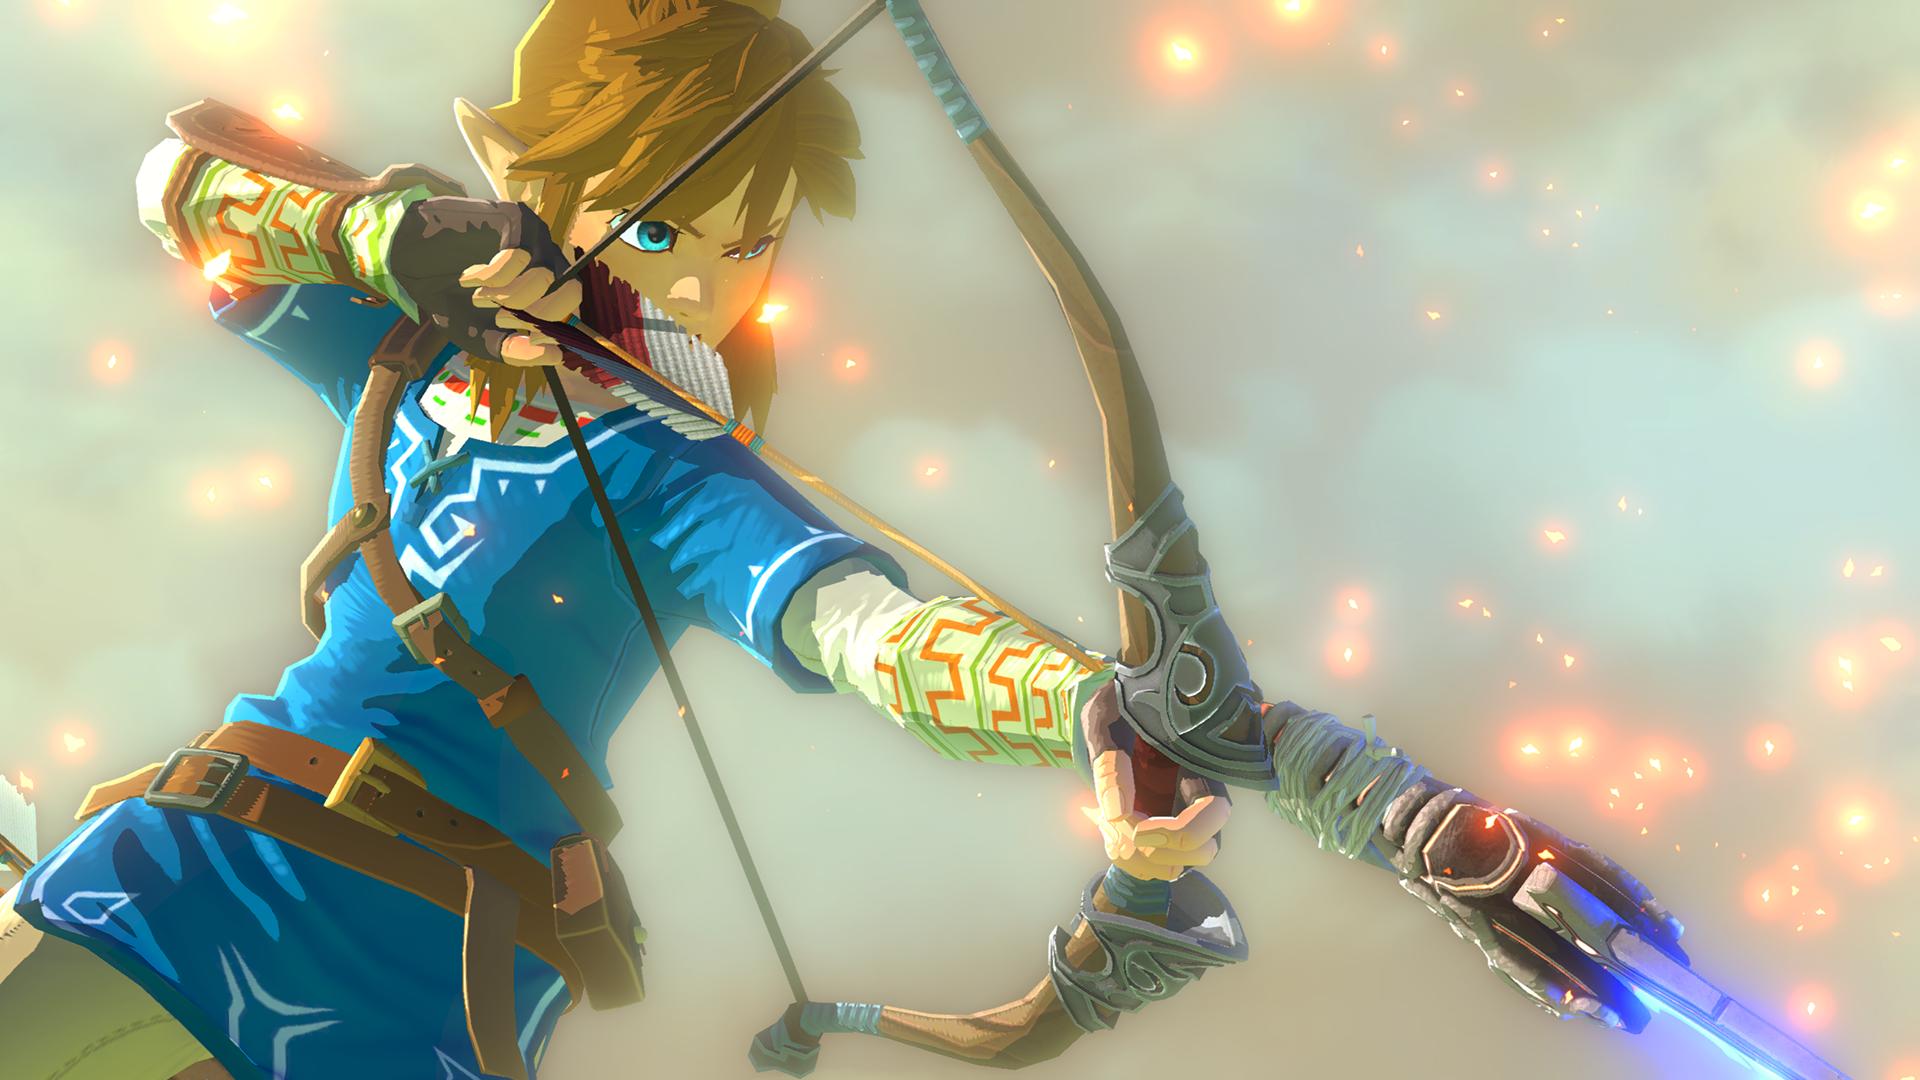 [GAMES] The Legend of Zelda (Nintendo Wii U) - Gameplay! Zelda-u-e3-2014-2